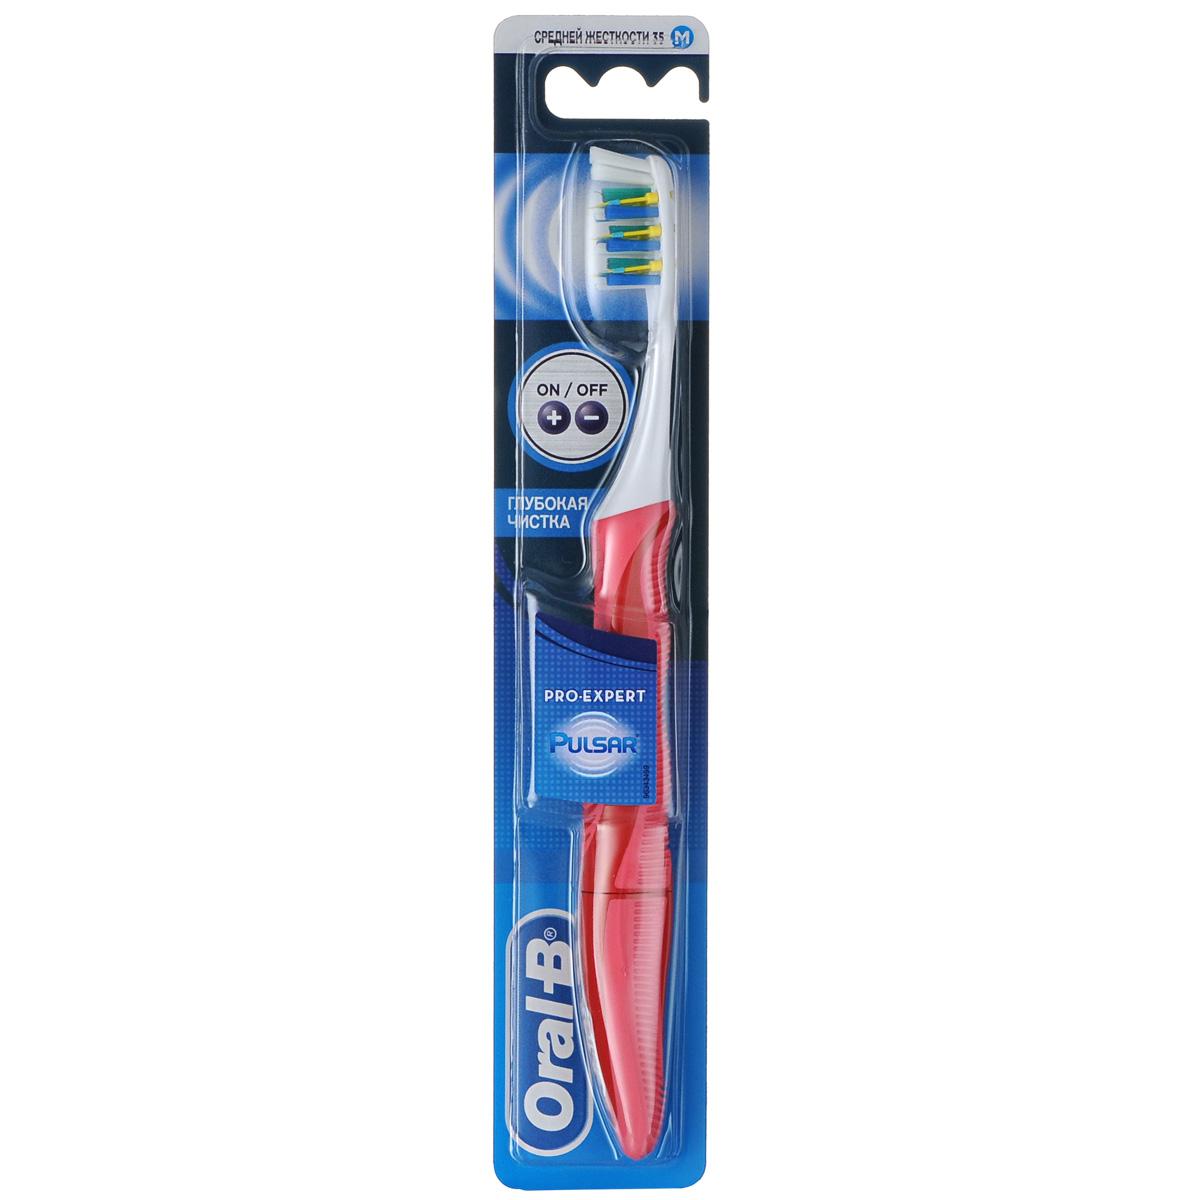 Oral-B Зубная щетка электрическая Pulsar Expert, средняя жесткость, цвет: красныйORL-81402824_краснаяЭлектрическая зубная щетка Oral-BPulsar Expert глубоко очищает и стимулирует десна, бережно относится к мягким и твердым тканям ротовой полости. Её эргономичная, нескользящая ручка обеспечивает комфортное и безопасное использование. Вращательно-пульсирующее действие (вибрация) проникает глубоко между зубами и чистит вдоль десен. Инновационная, чувствительная к давлению расщепленная головка помогает регулировать силу давления, оказываемую на зубы и десна. Клинически доказано то, что данная зубная щетка обеспечивает лучшую чистку по сравнению с обычной зубной щеткой. Пульсирующее действие создает невероятное ощущение чистки, благодаря которому хочется чистить зубы дольше.Работает от батарейки, путем нажатия клавиш on\off. Внутри установлена 1 одноразовая несменная батарейка Duracell, которая обеспечивает работу в течение 3-4 месяцев.